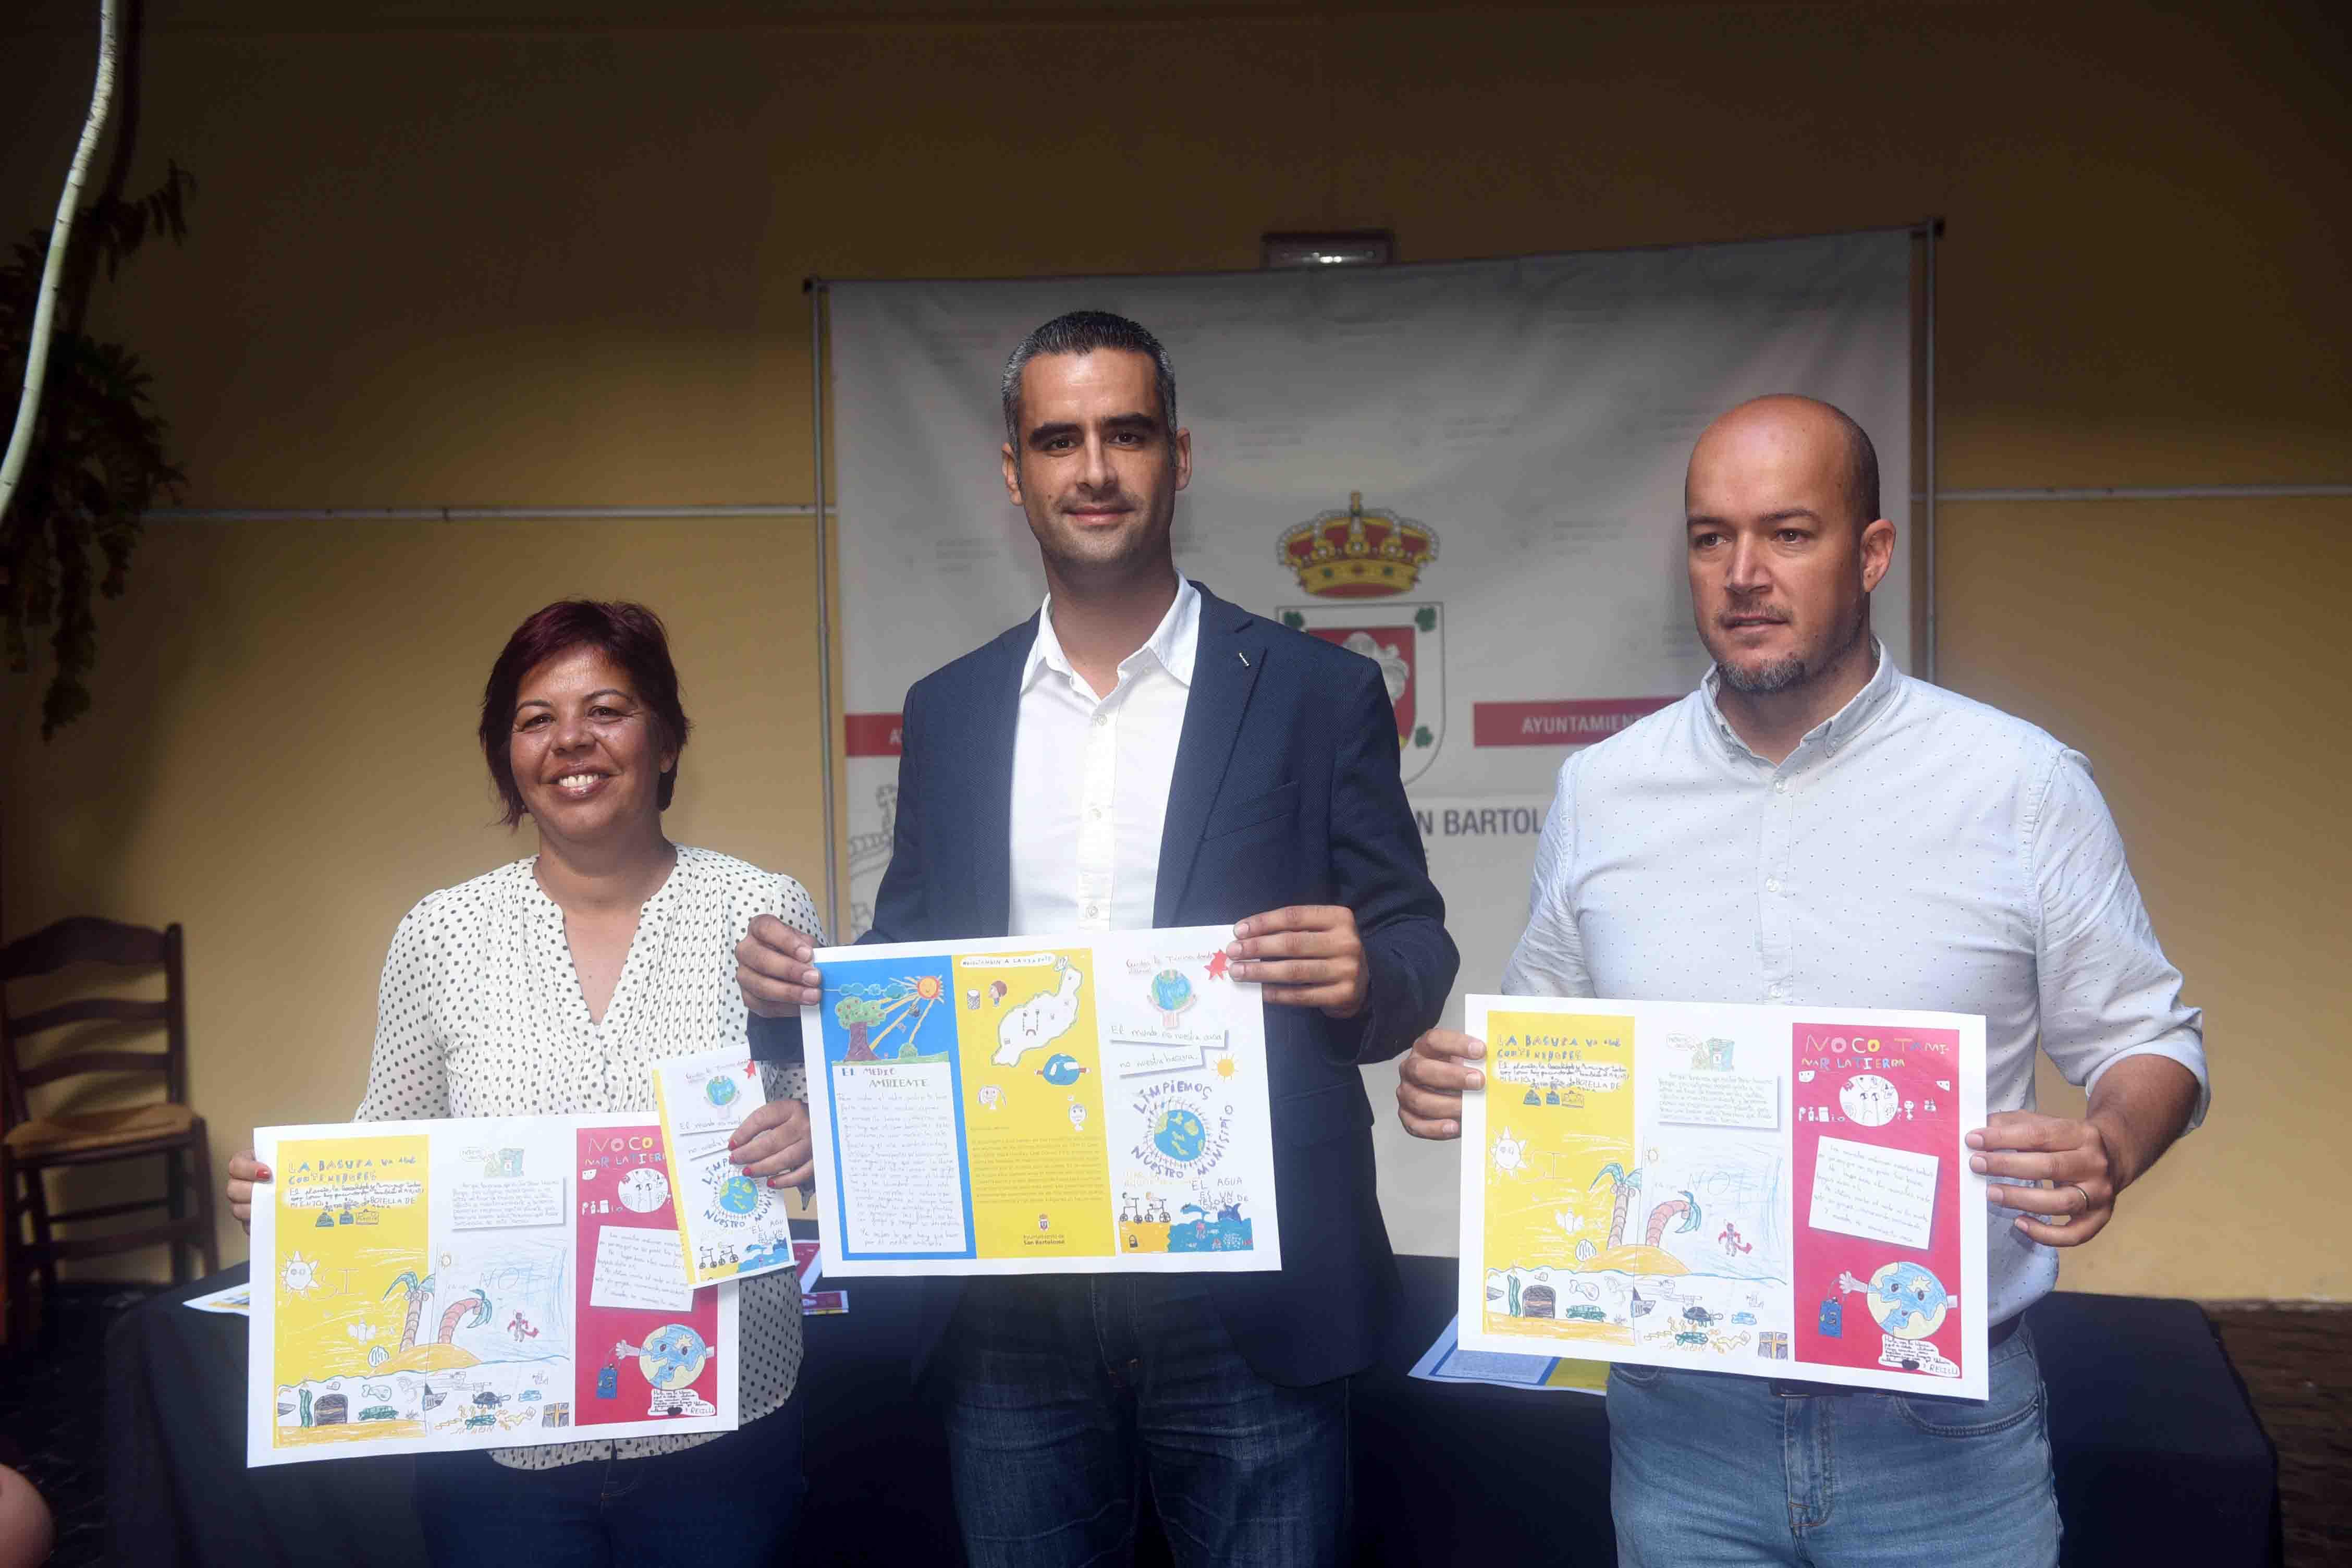 Las niñas y niños de primaria del municipio de San Bartolomé diseñan la campaña medioambiental de su Ayuntamiento